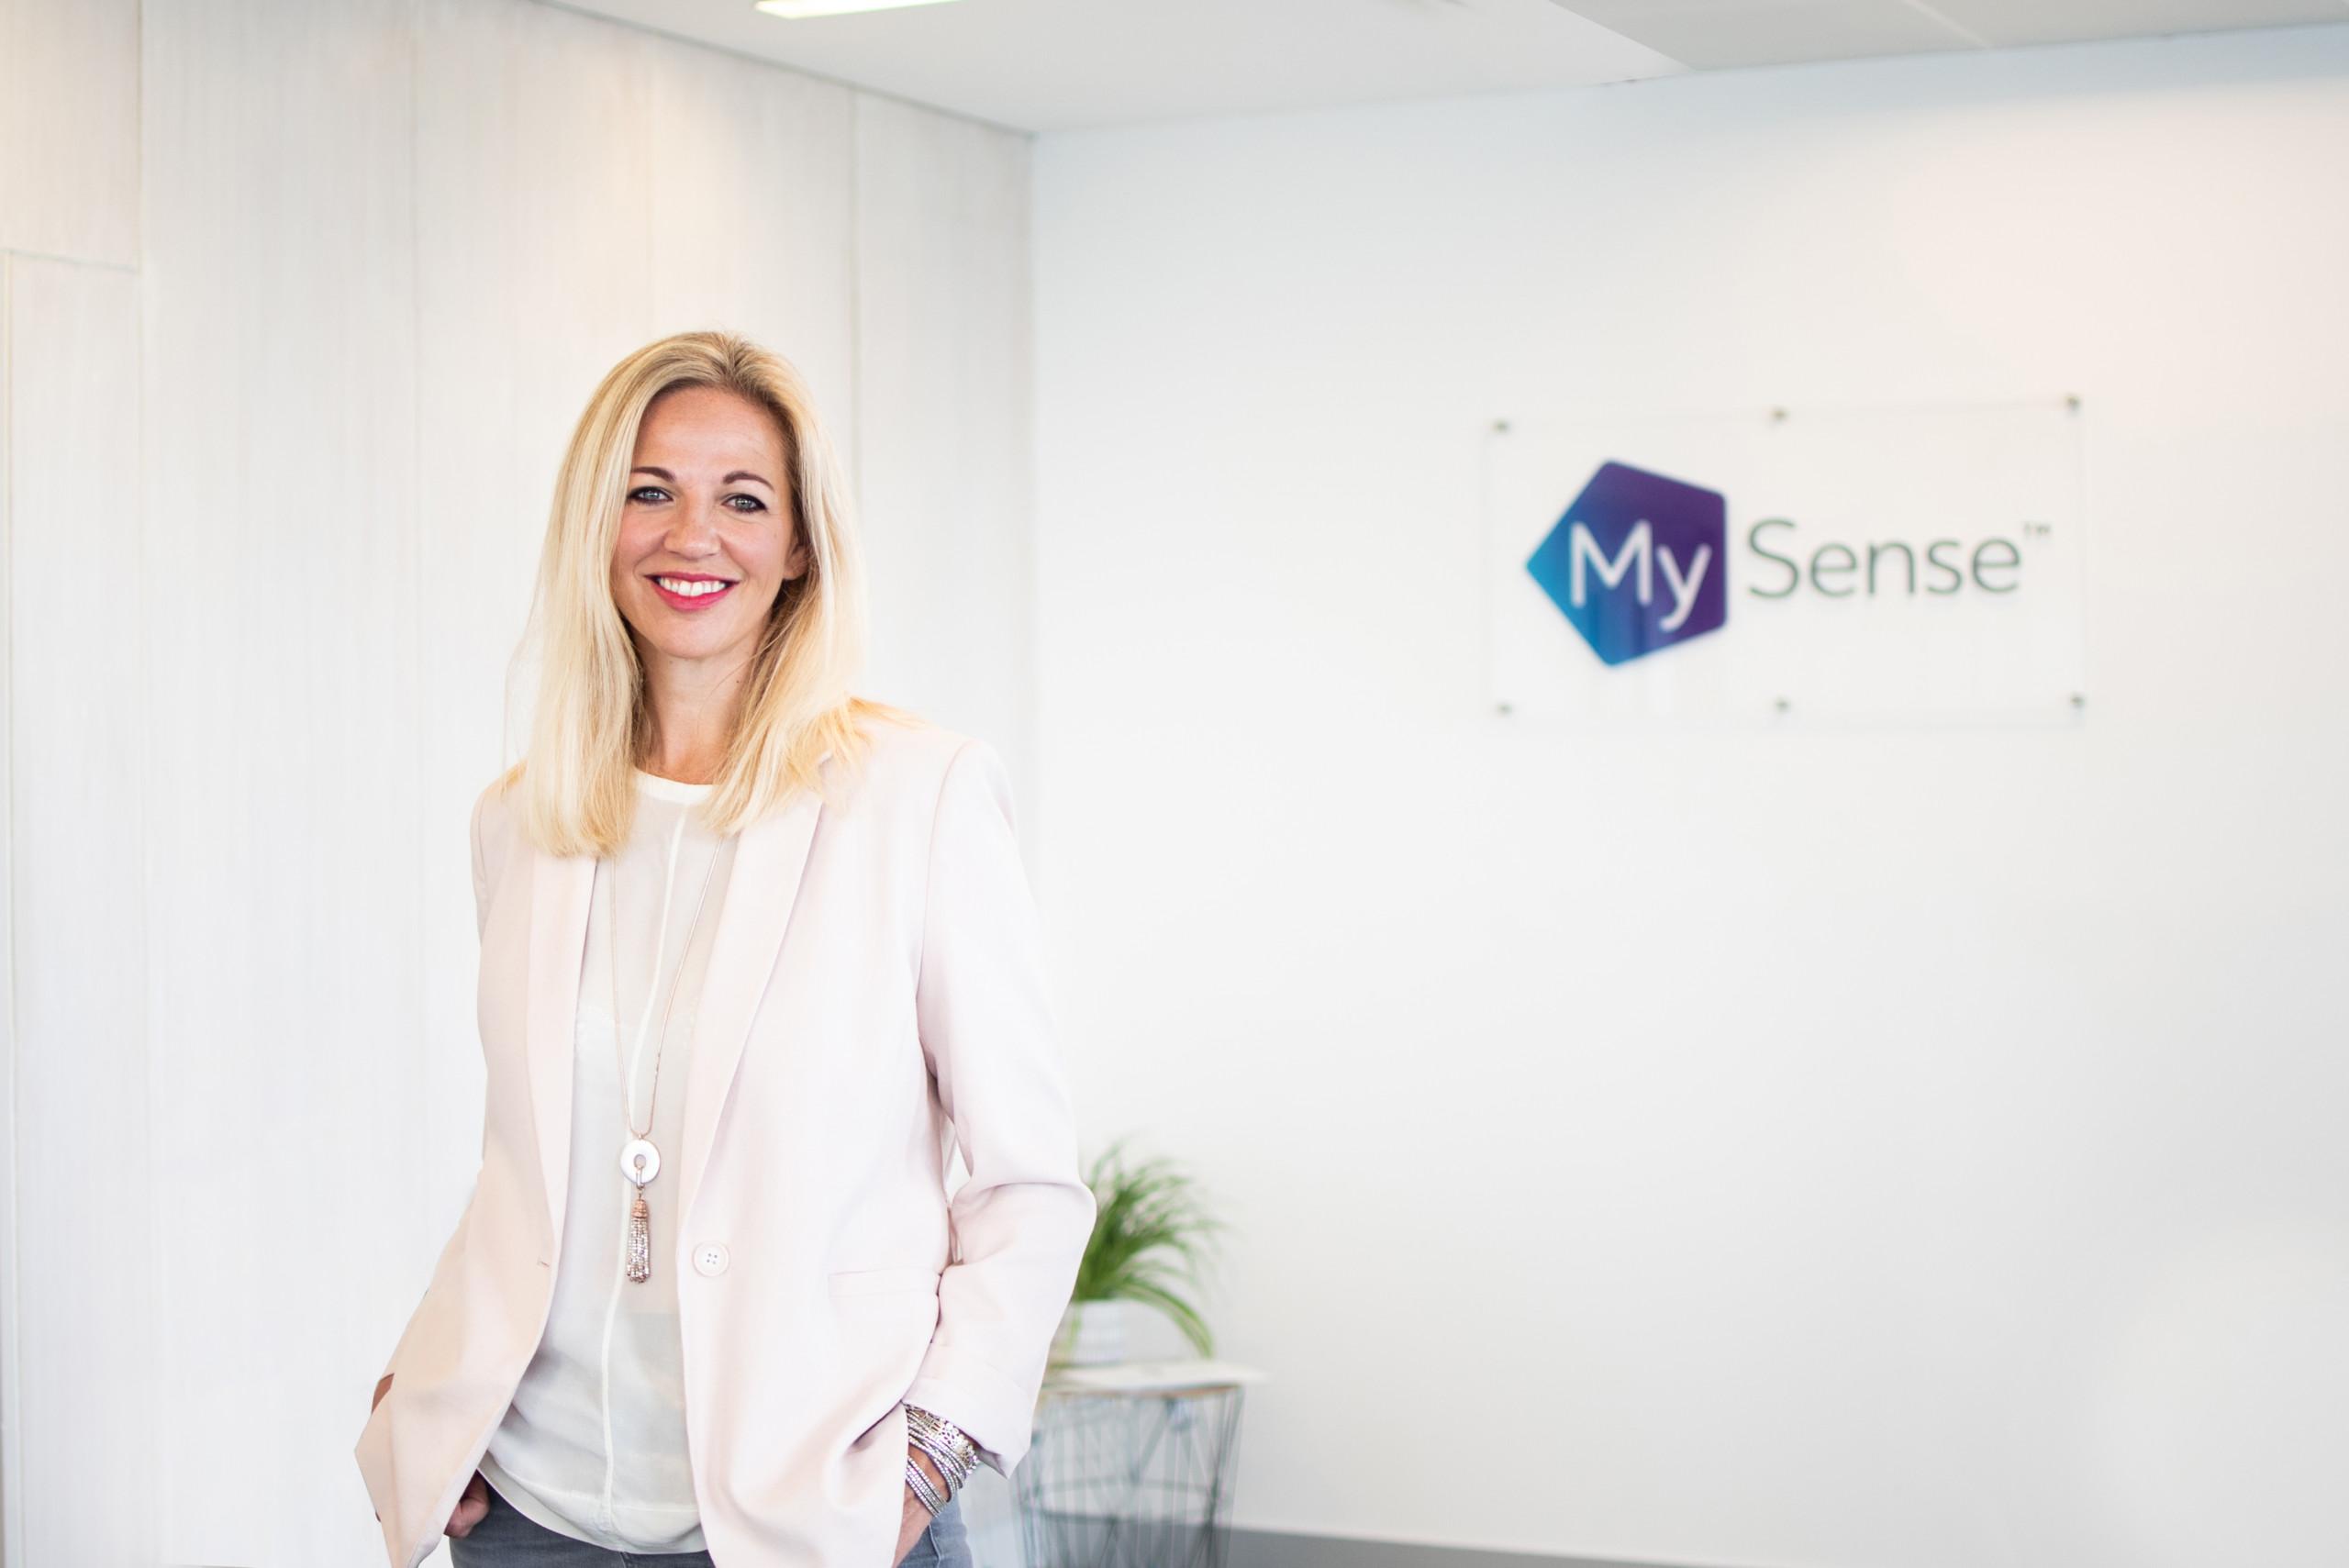 The Managing Director For MySense UK, Olivia Harker